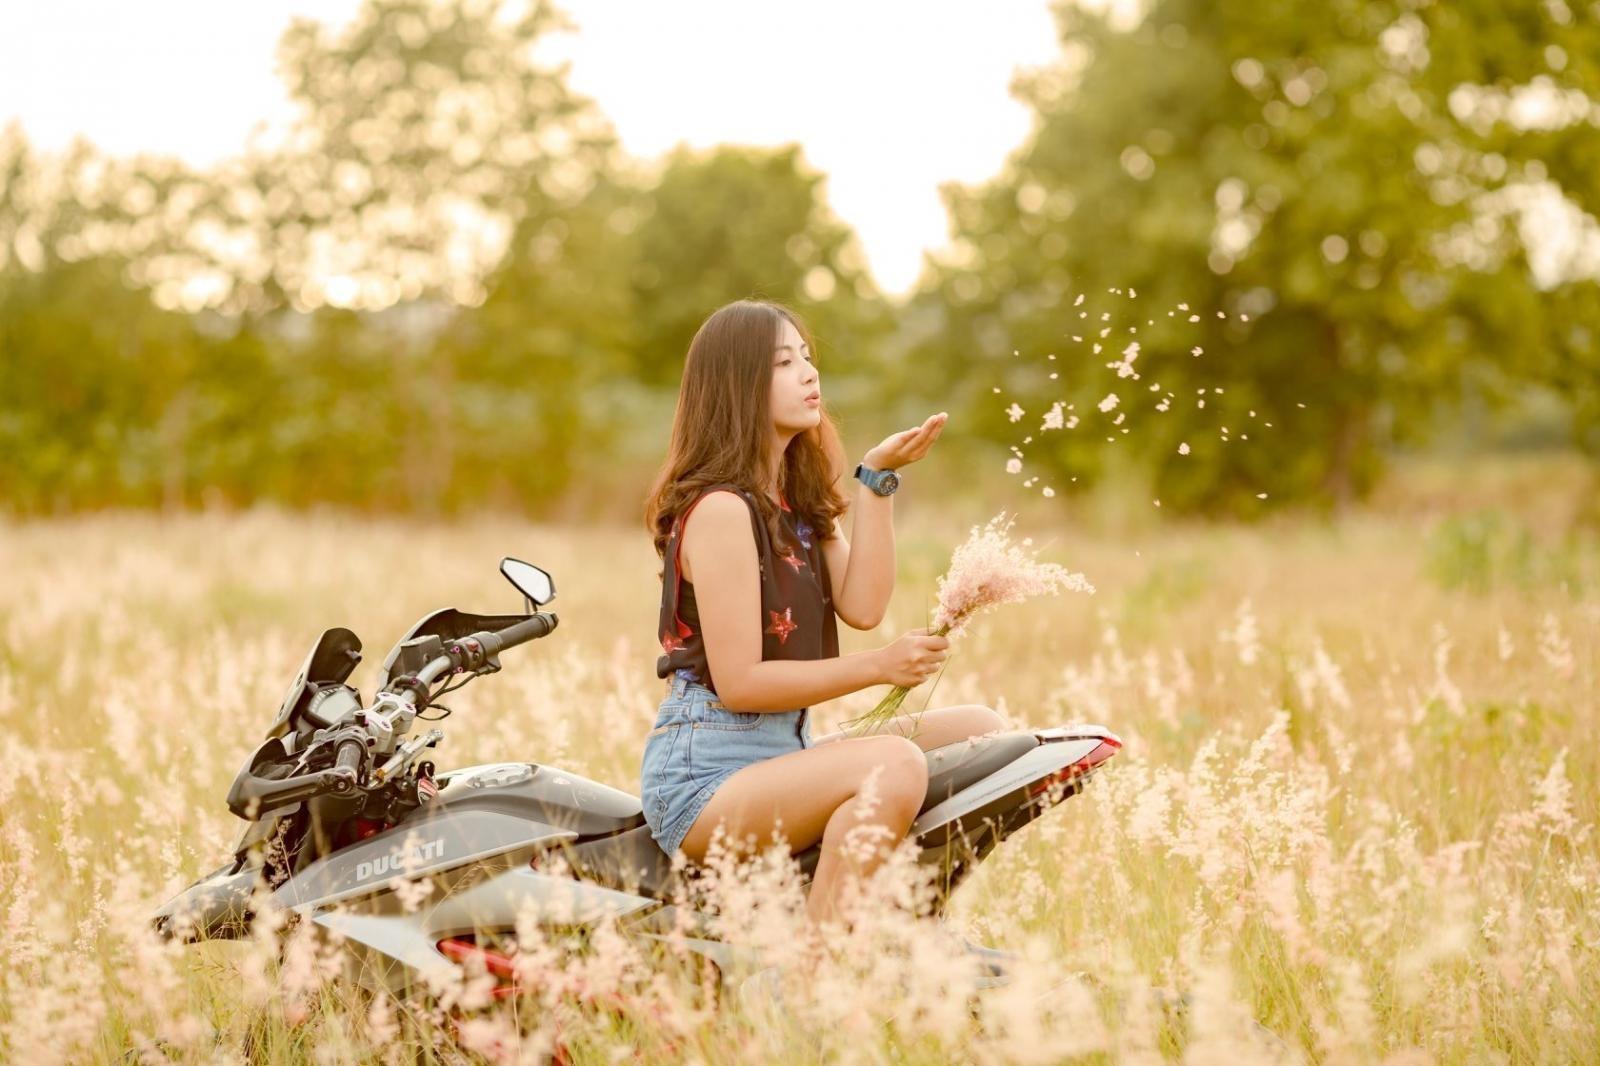 Thiếu nữ nhẹ nhàng, lãng mạn cùng mô tô phân khối lớn Ducati Hypermotard - 4